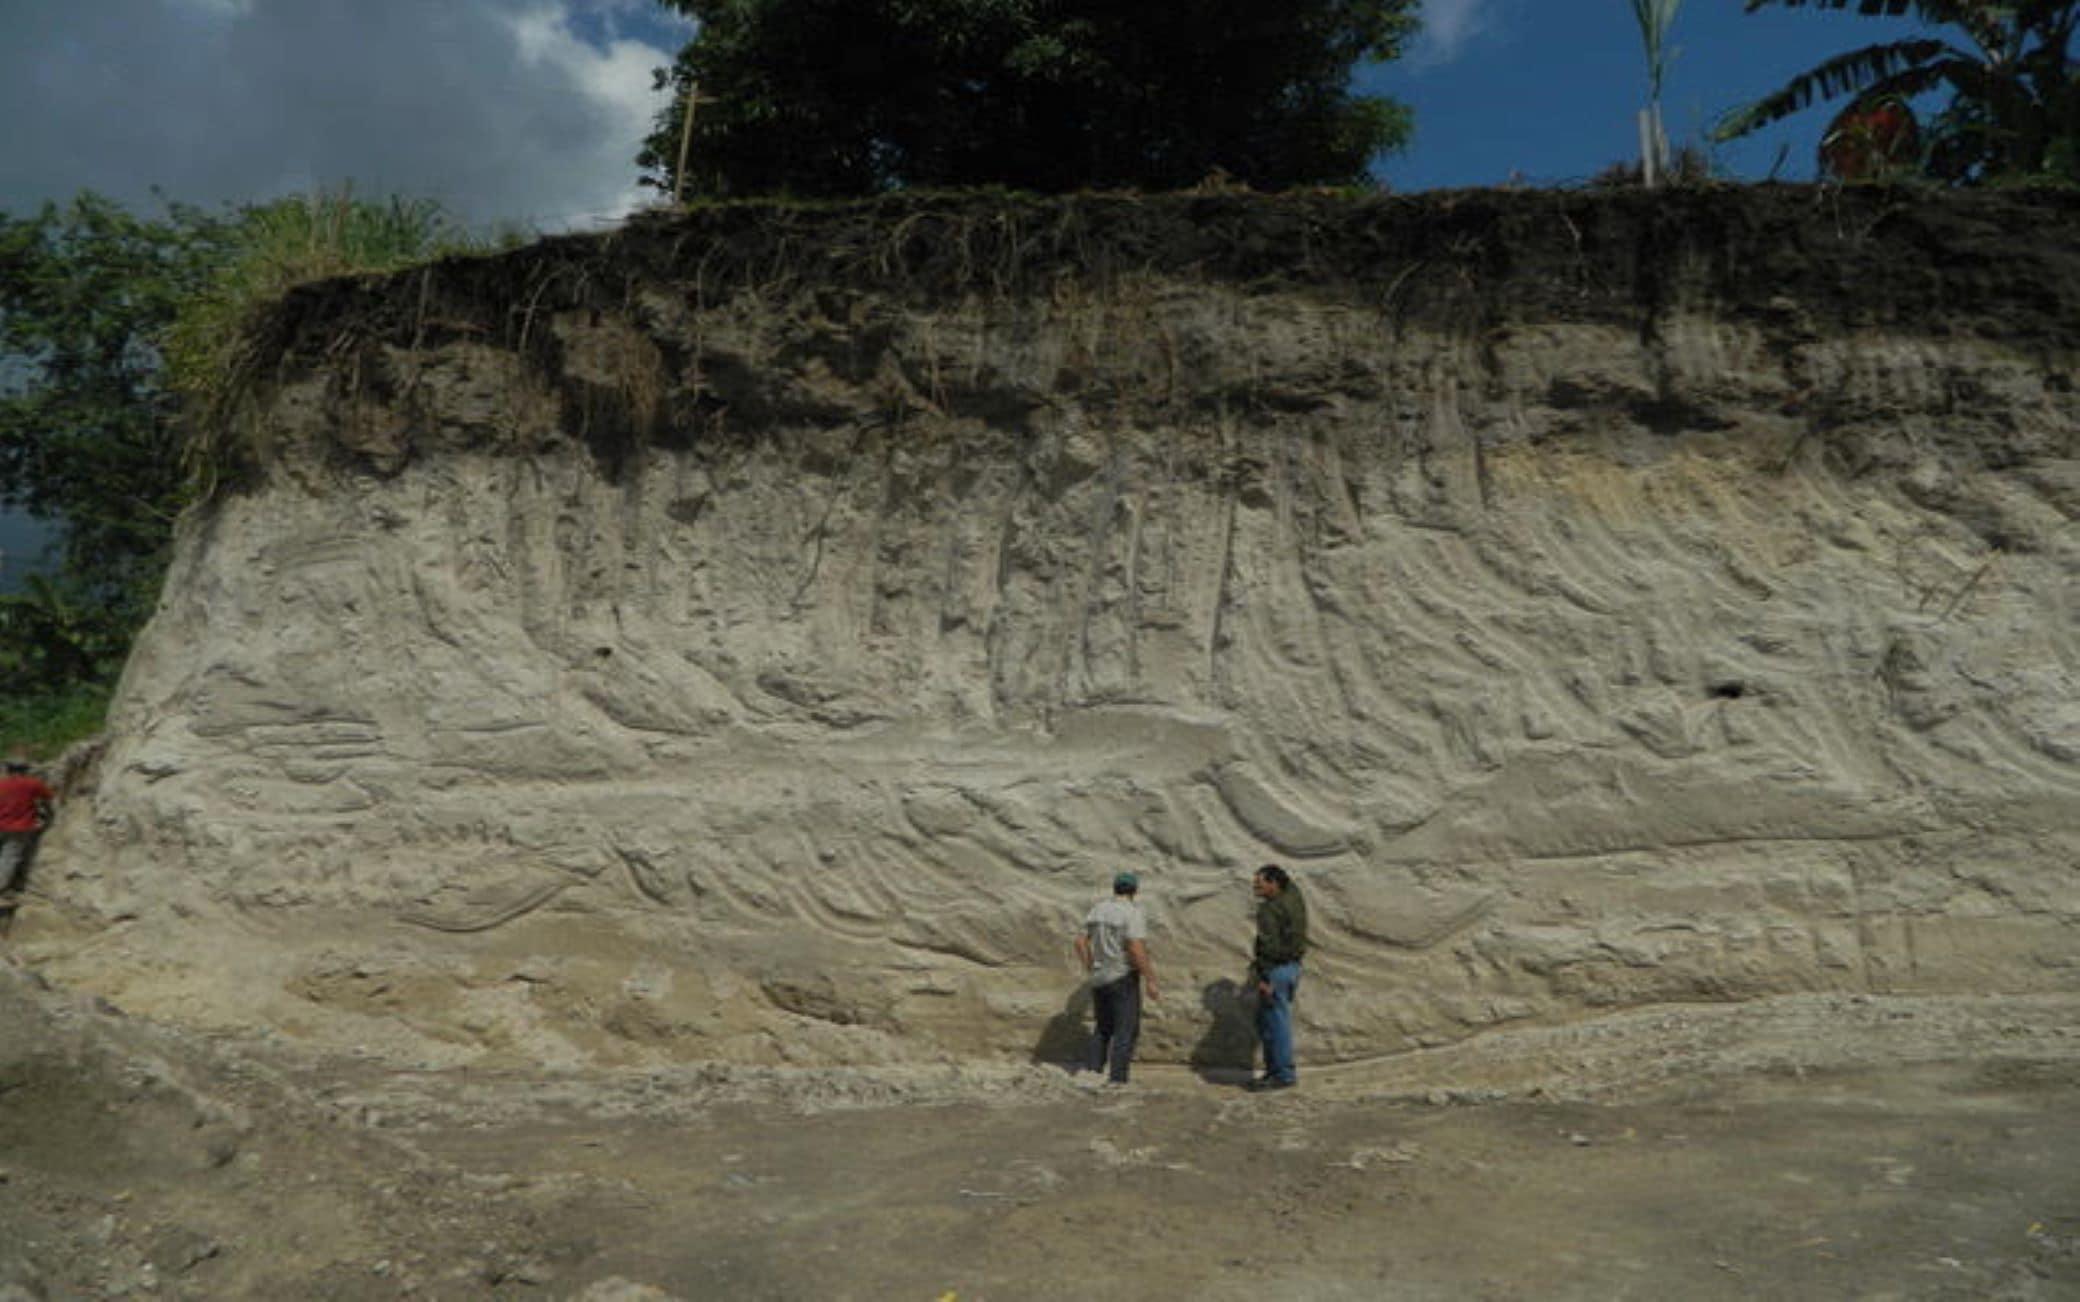 Spessi depositi di circa 4 metri dei flussi piroclastici della Tierra Blanca Joven in un sito localizzato 30 km a ovest rispetto al cratere del vulcano. Questi velocissimi flussi di gas e materiale incandescente hanno ricoperto e distrutto il territorio circostante in un raggio di 40 km. Ph.: Dr. Dario Pedrazzi